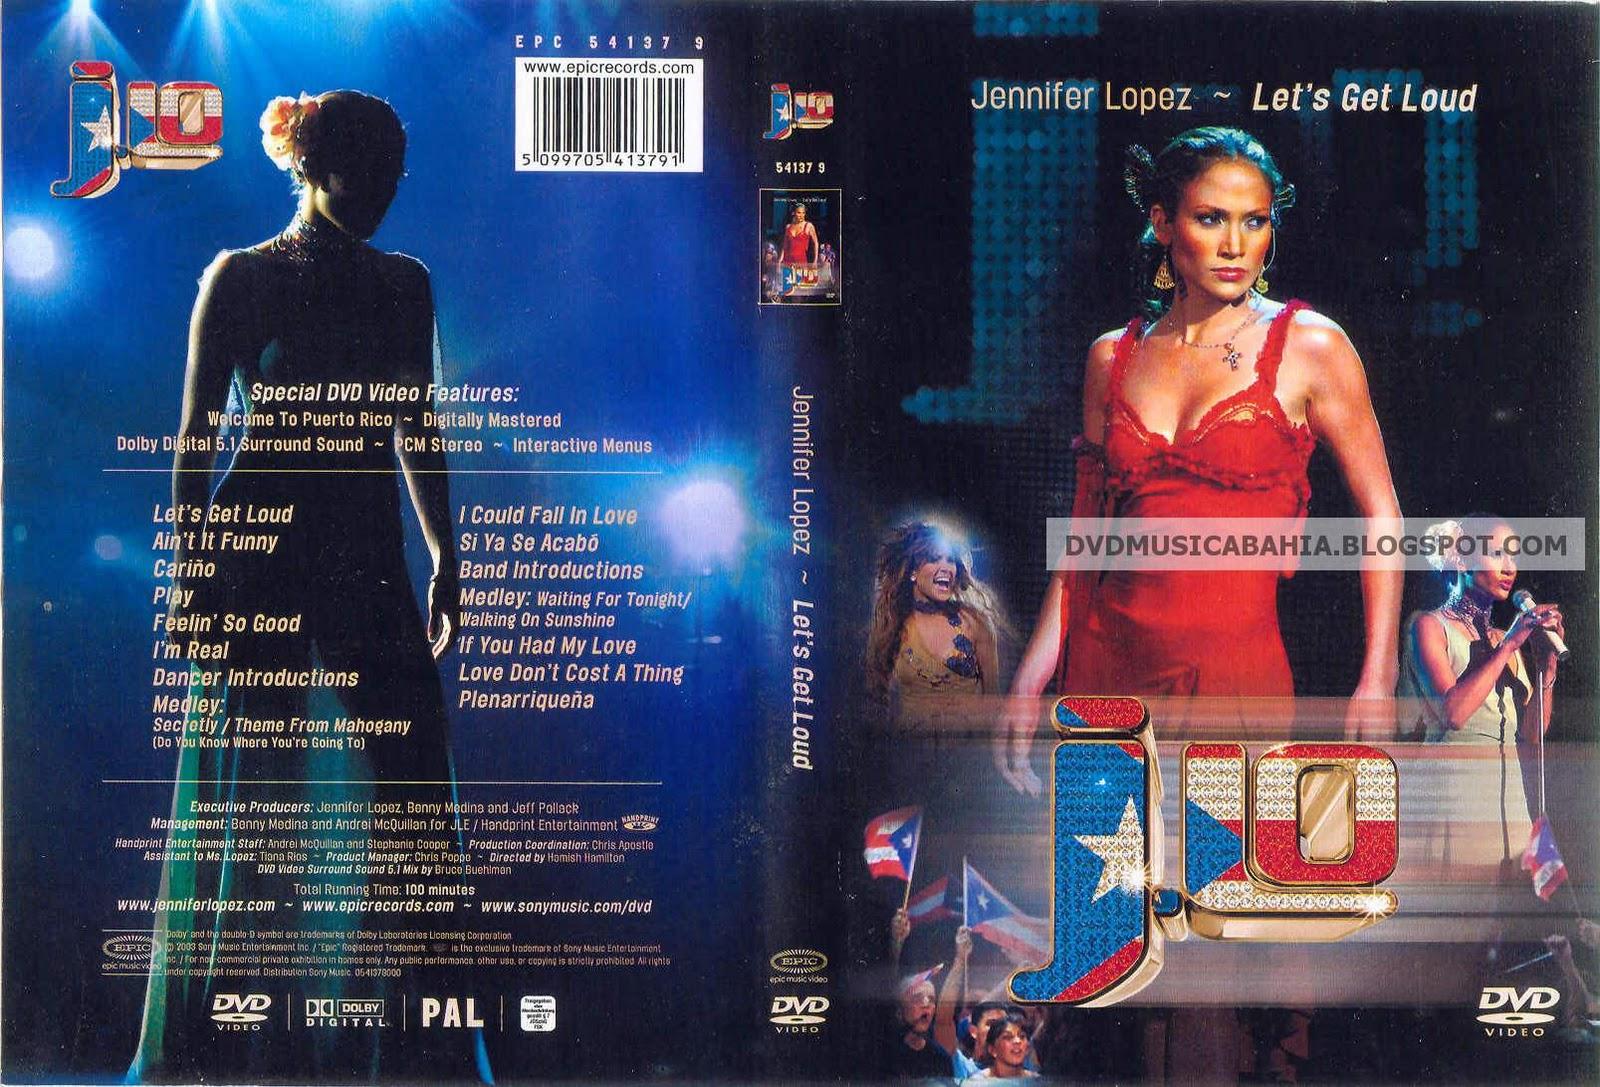 http://1.bp.blogspot.com/-beWnAryd8vc/TtLFQs6SvgI/AAAAAAAAB8M/A61_E5O4rvs/s1600/Jennifer+Lopez+-+Let+s+get+loud.jpg